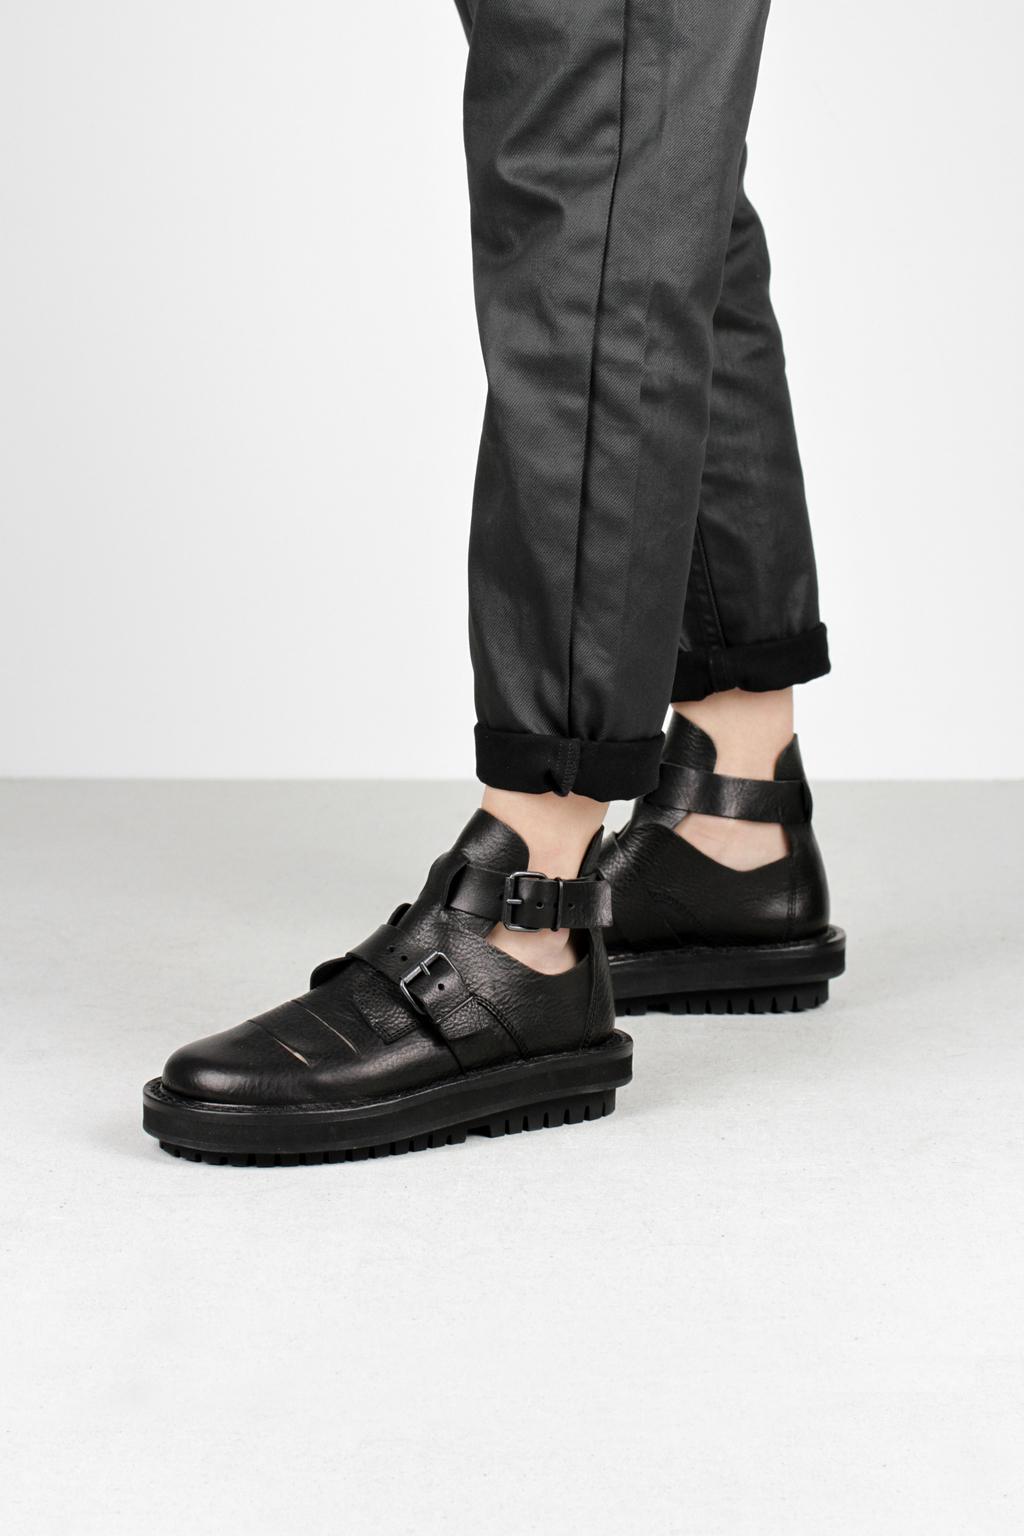 Rebel_tr_vol f Trippen Schuhe außergewöhnliches Design